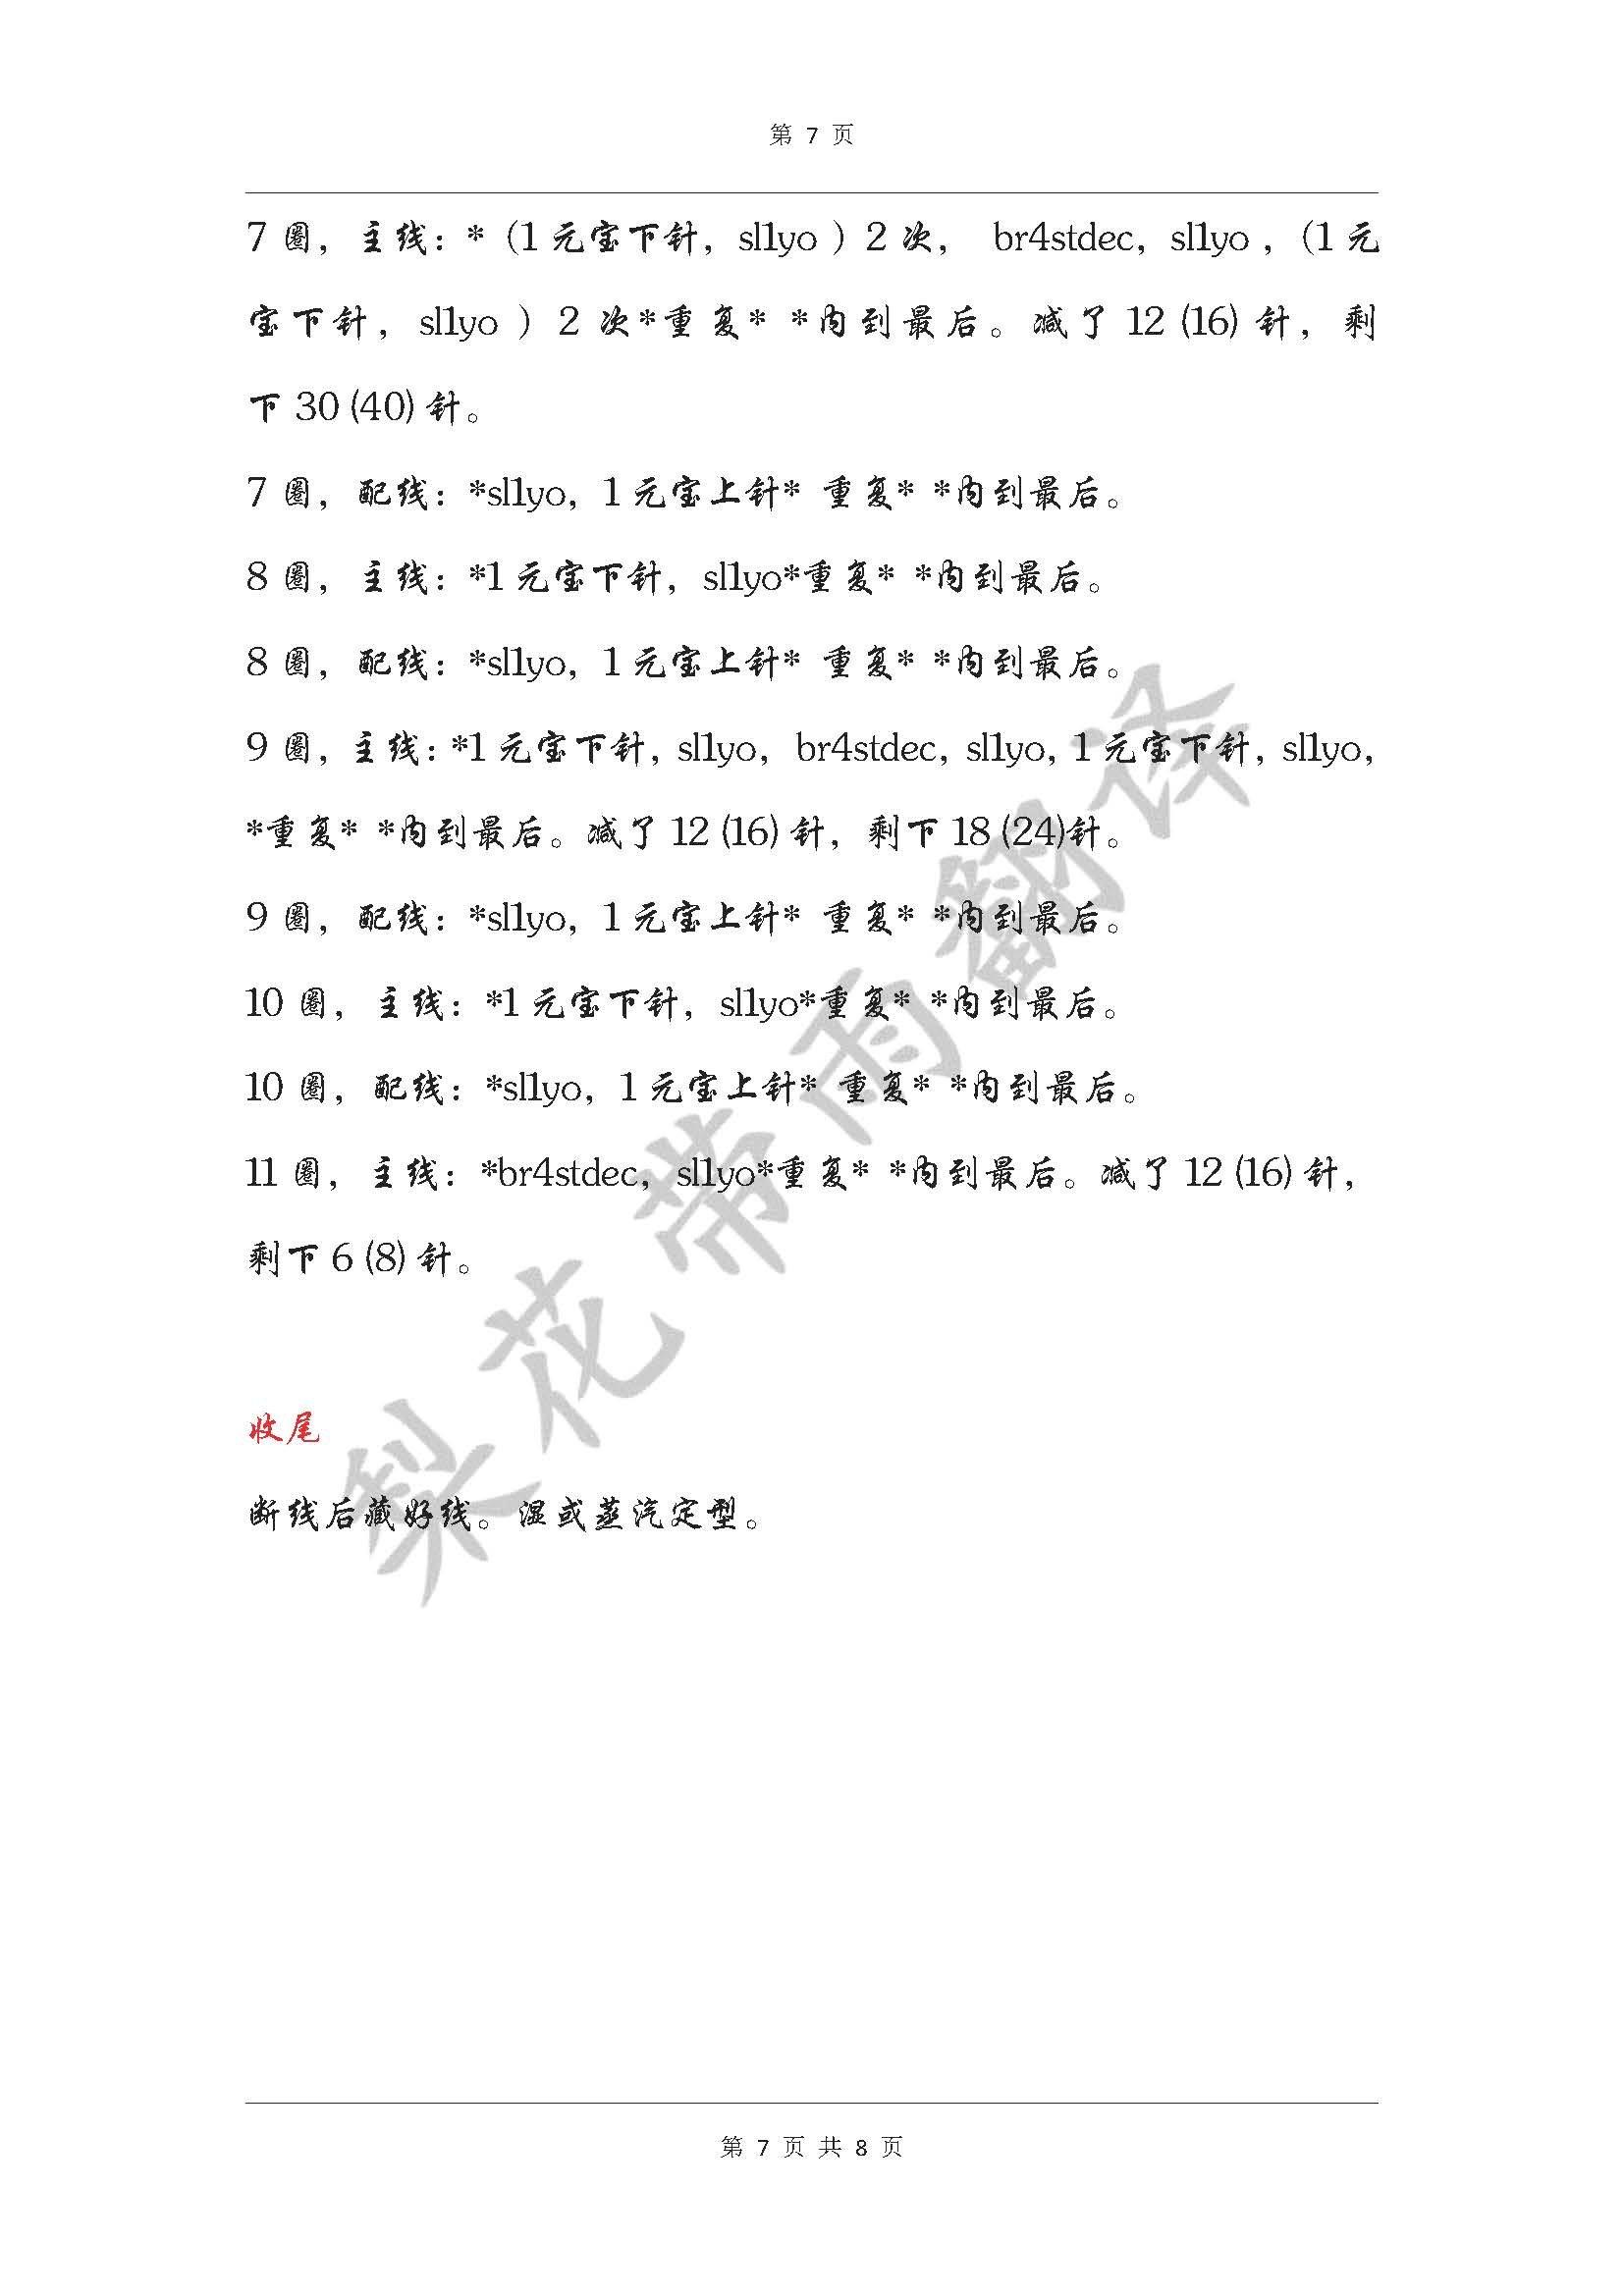 【引用译文】结霜的玫瑰(双色双元宝帽子) - 壹一 - 壹一编织博客